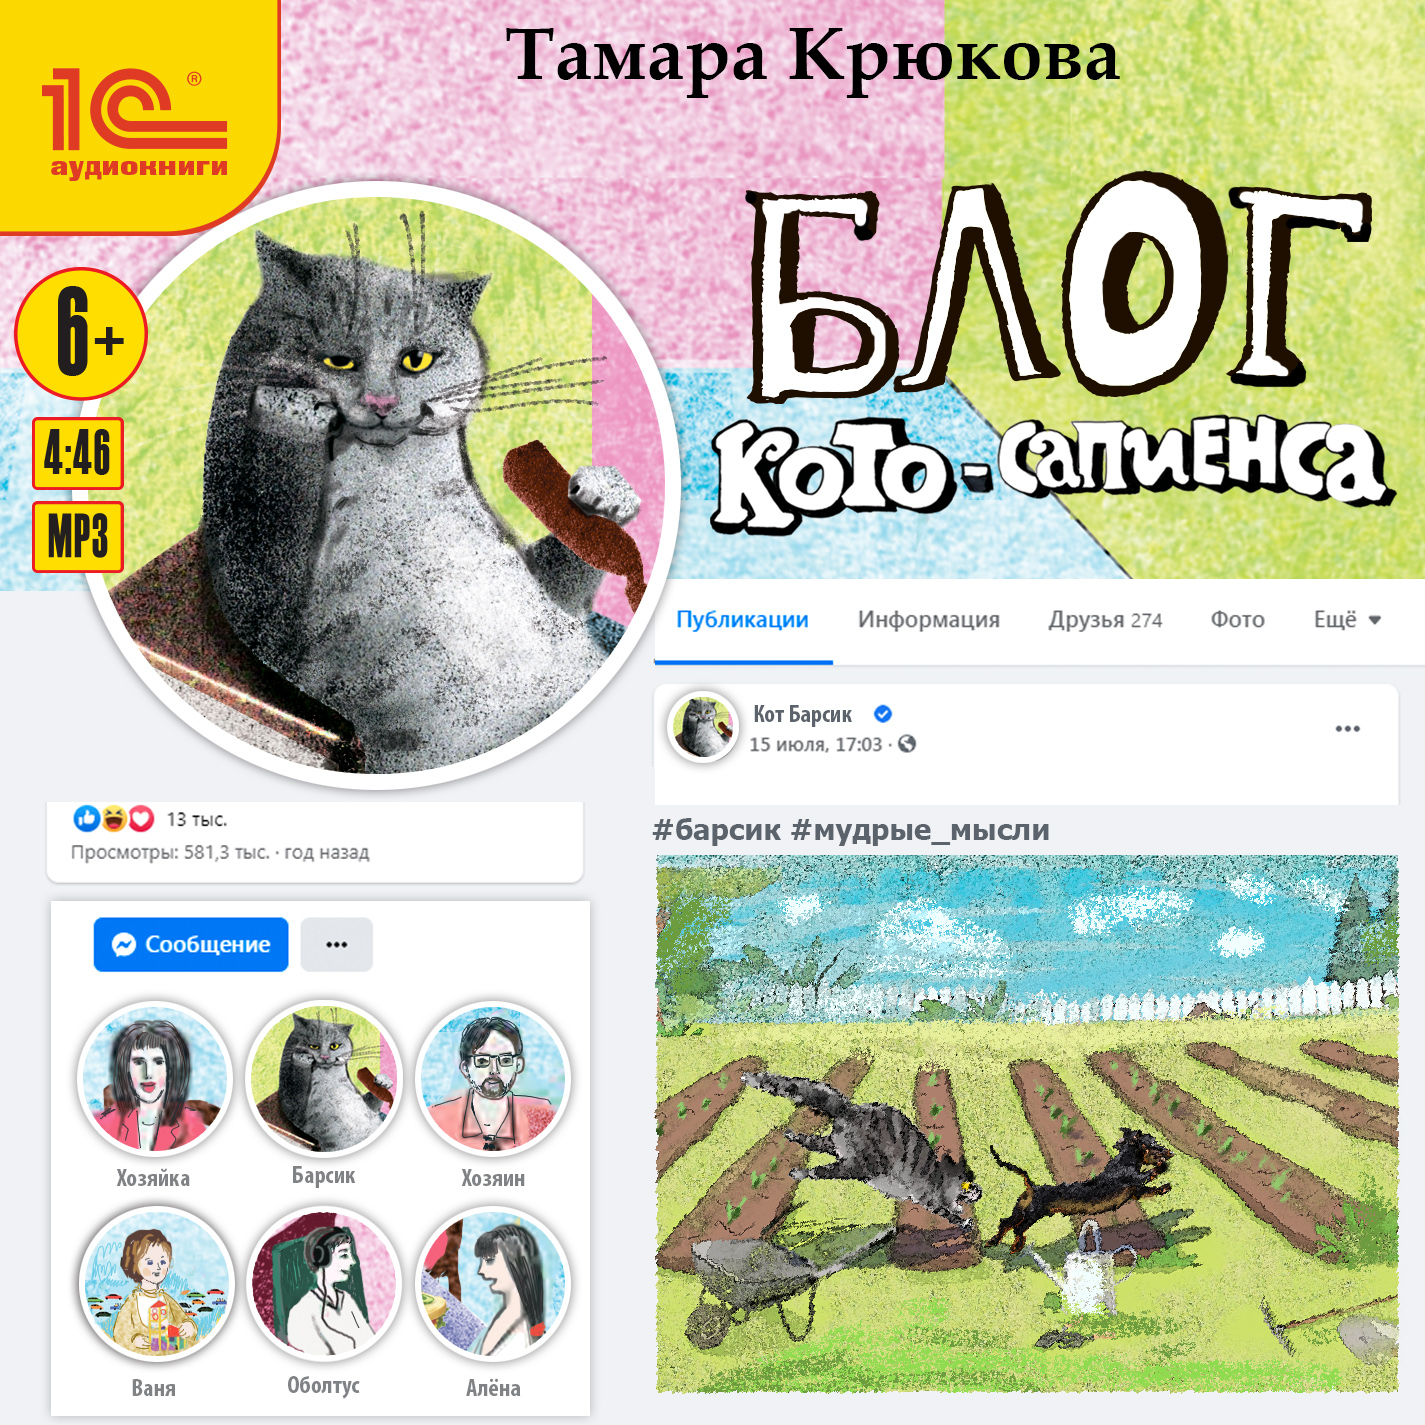 Тамара Крюкова Блог кото-сапиенса (цифровая версия) (Цифровая версия)